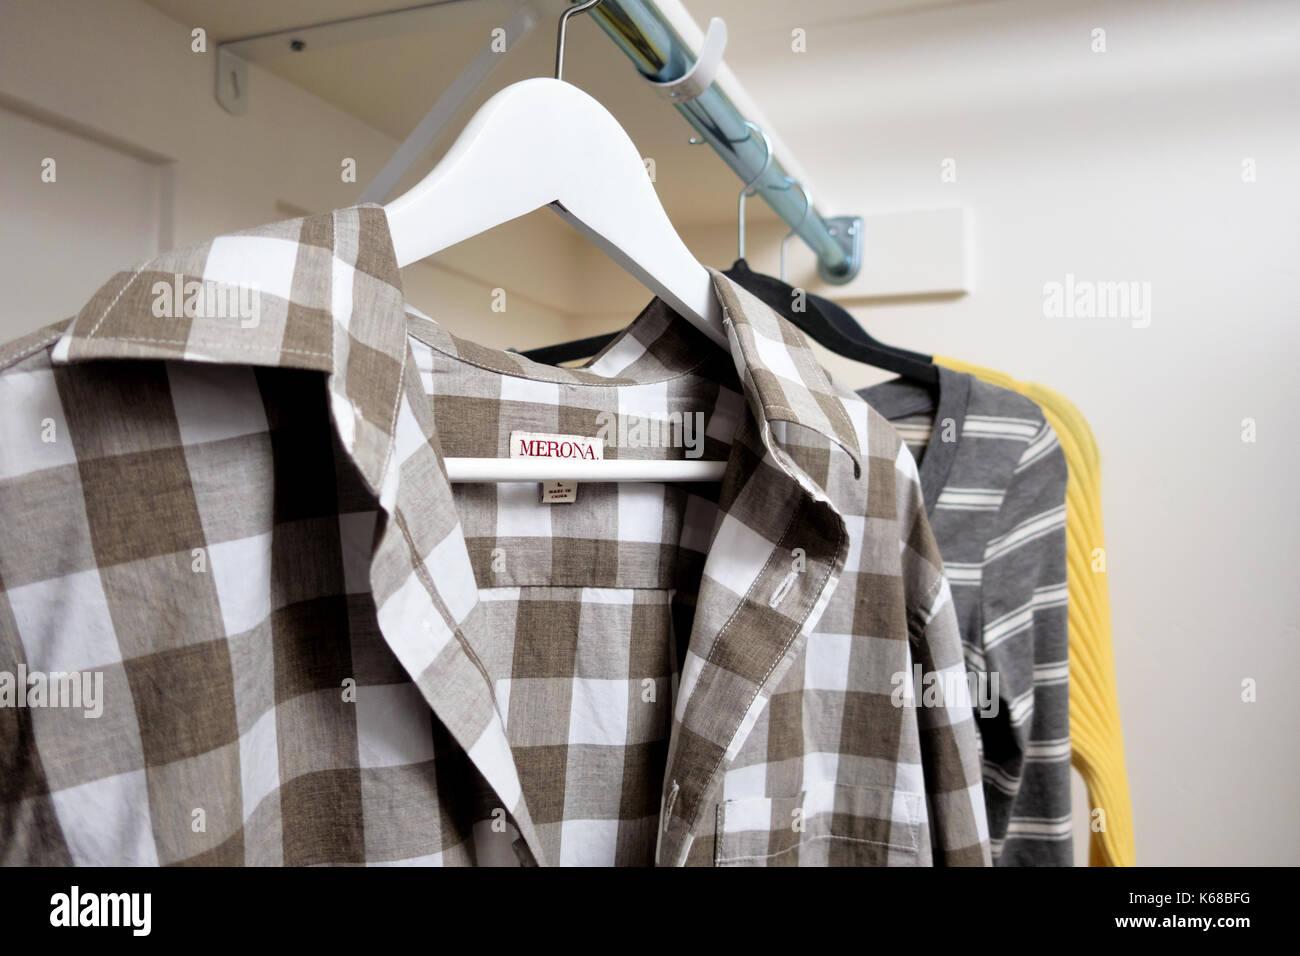 Un rack de los hombres camisetas de manga corta y womans suéteres. Imagen De Stock